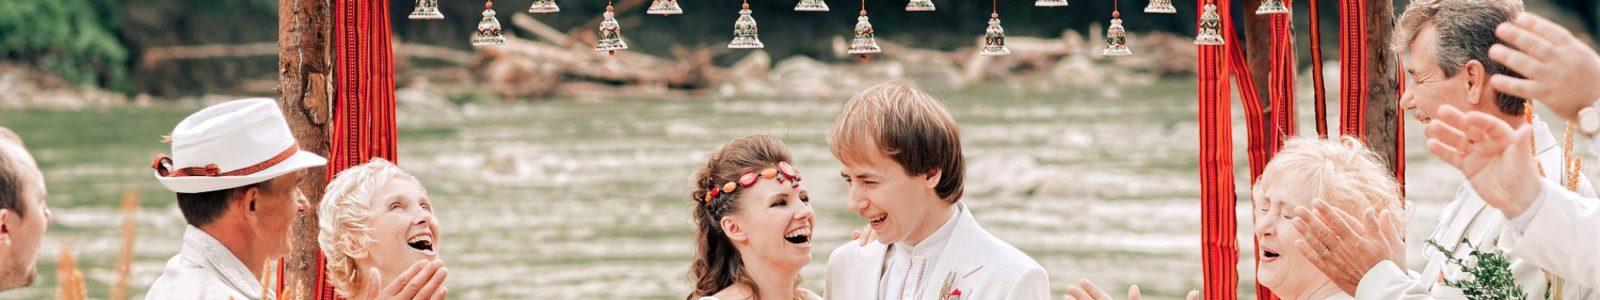 Как оформить свадьбу в русском стиле